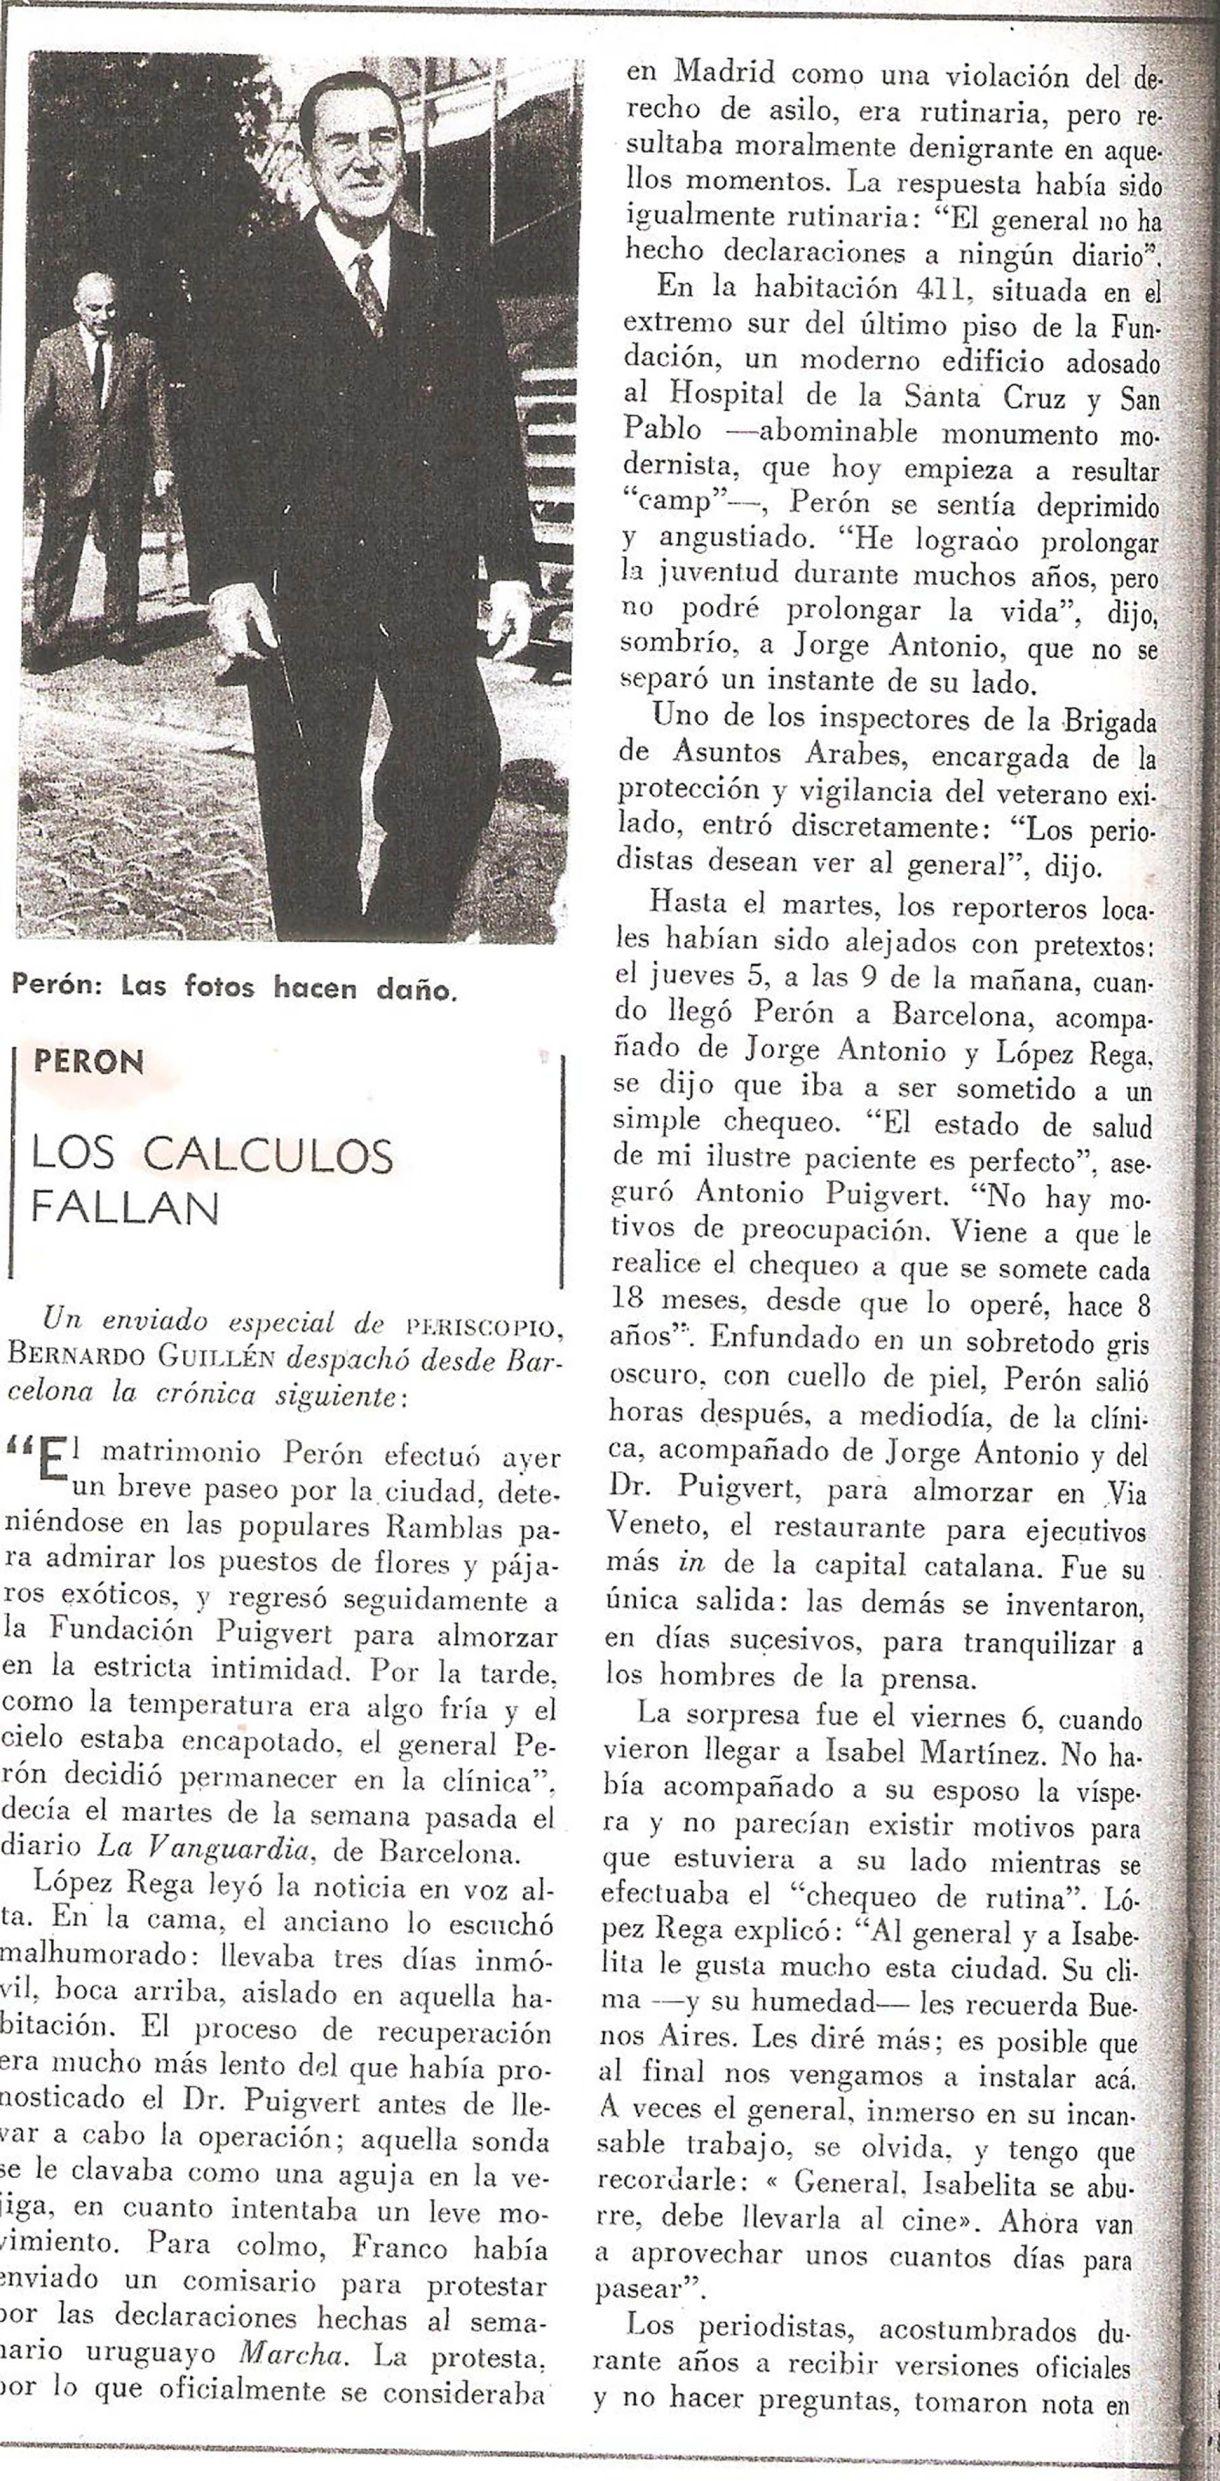 """""""He logrado prolongar la juventud durante muchos años pero no podré prolongar la vida"""", aseguró Periscopio que un deprimido Perón le había dicho a Jorge Antonio"""